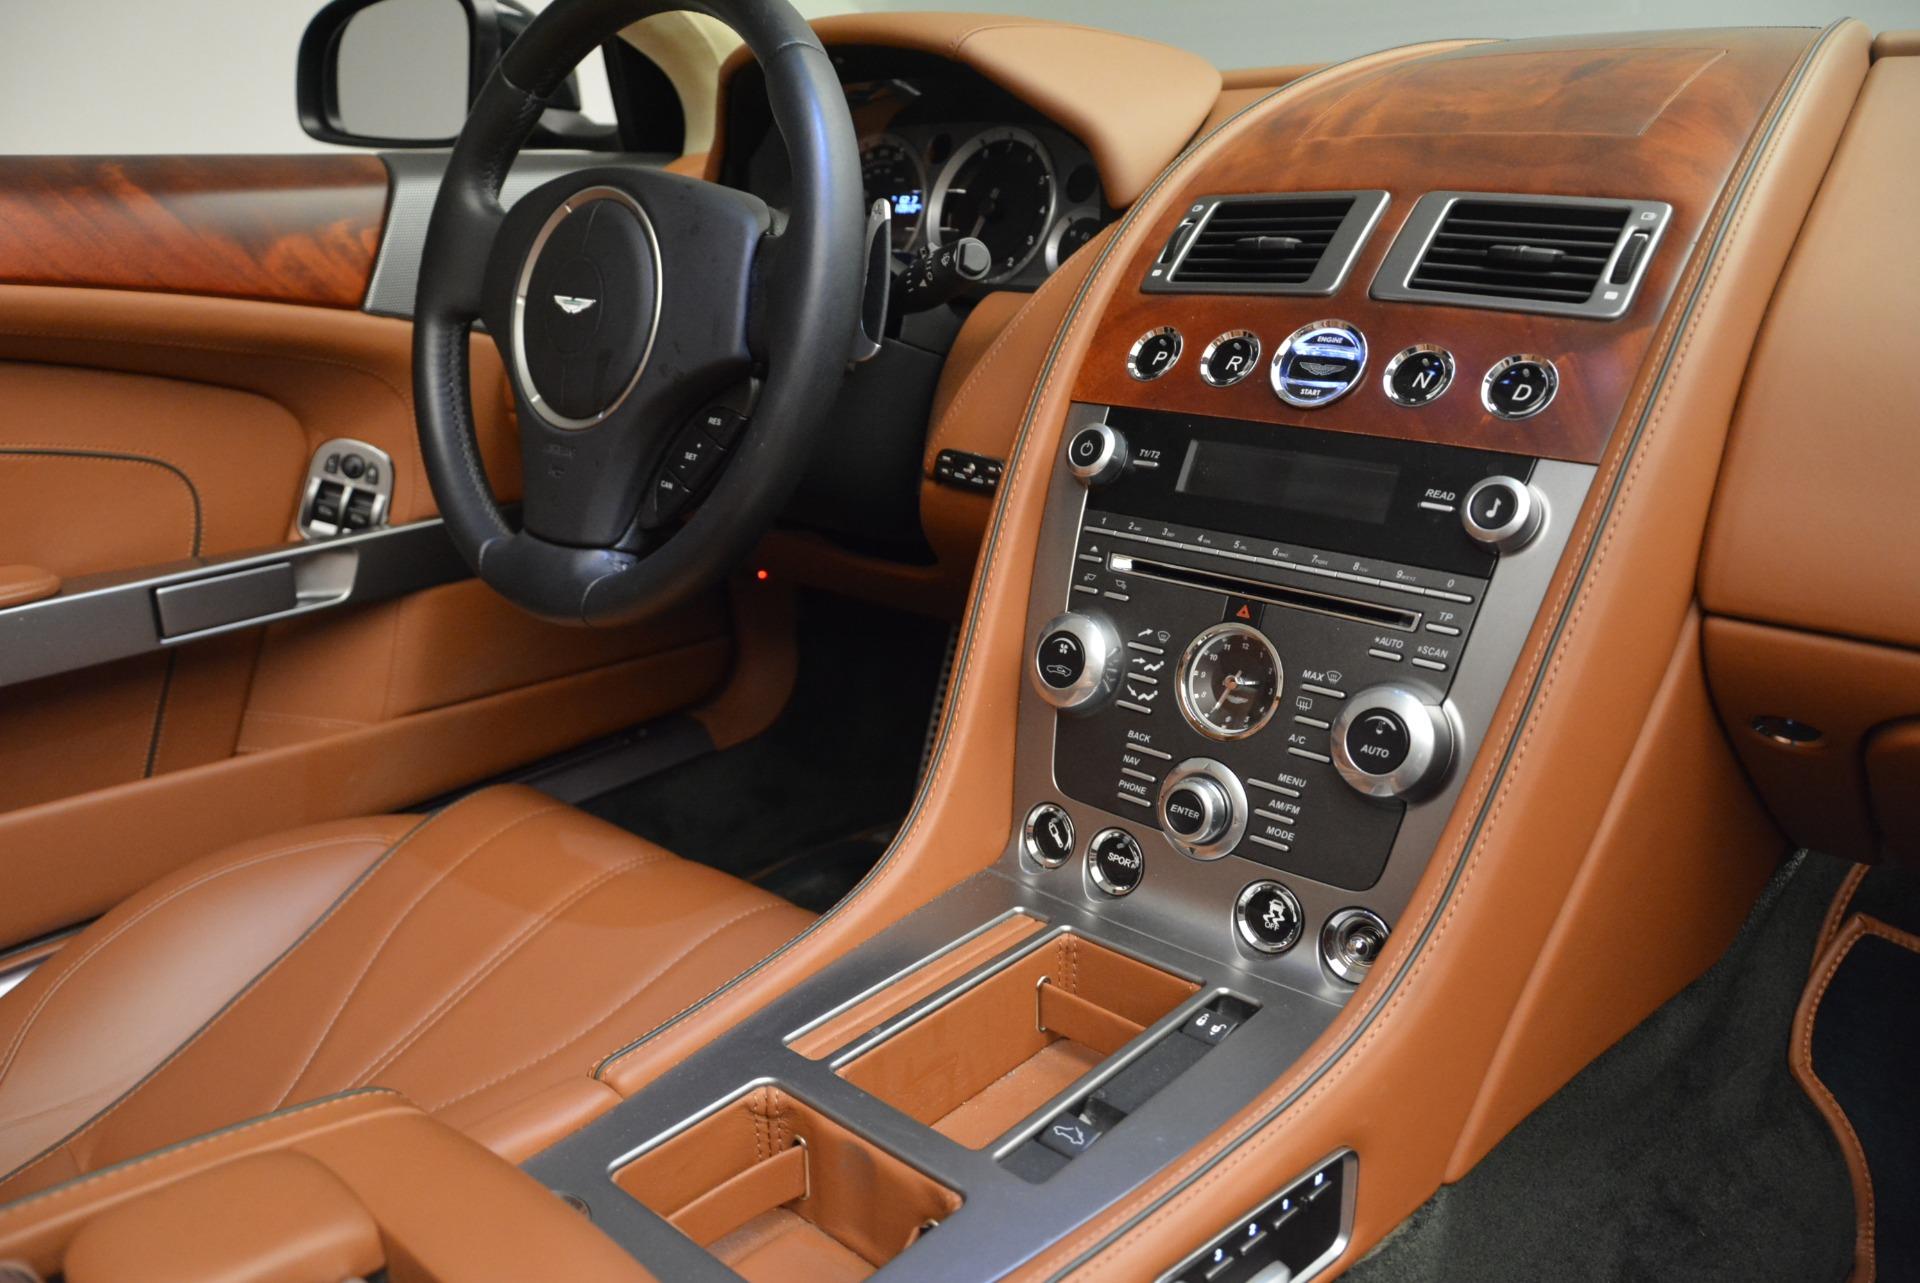 Used 2012 Aston Martin Virage Volante For Sale In Greenwich, CT 2508_p24